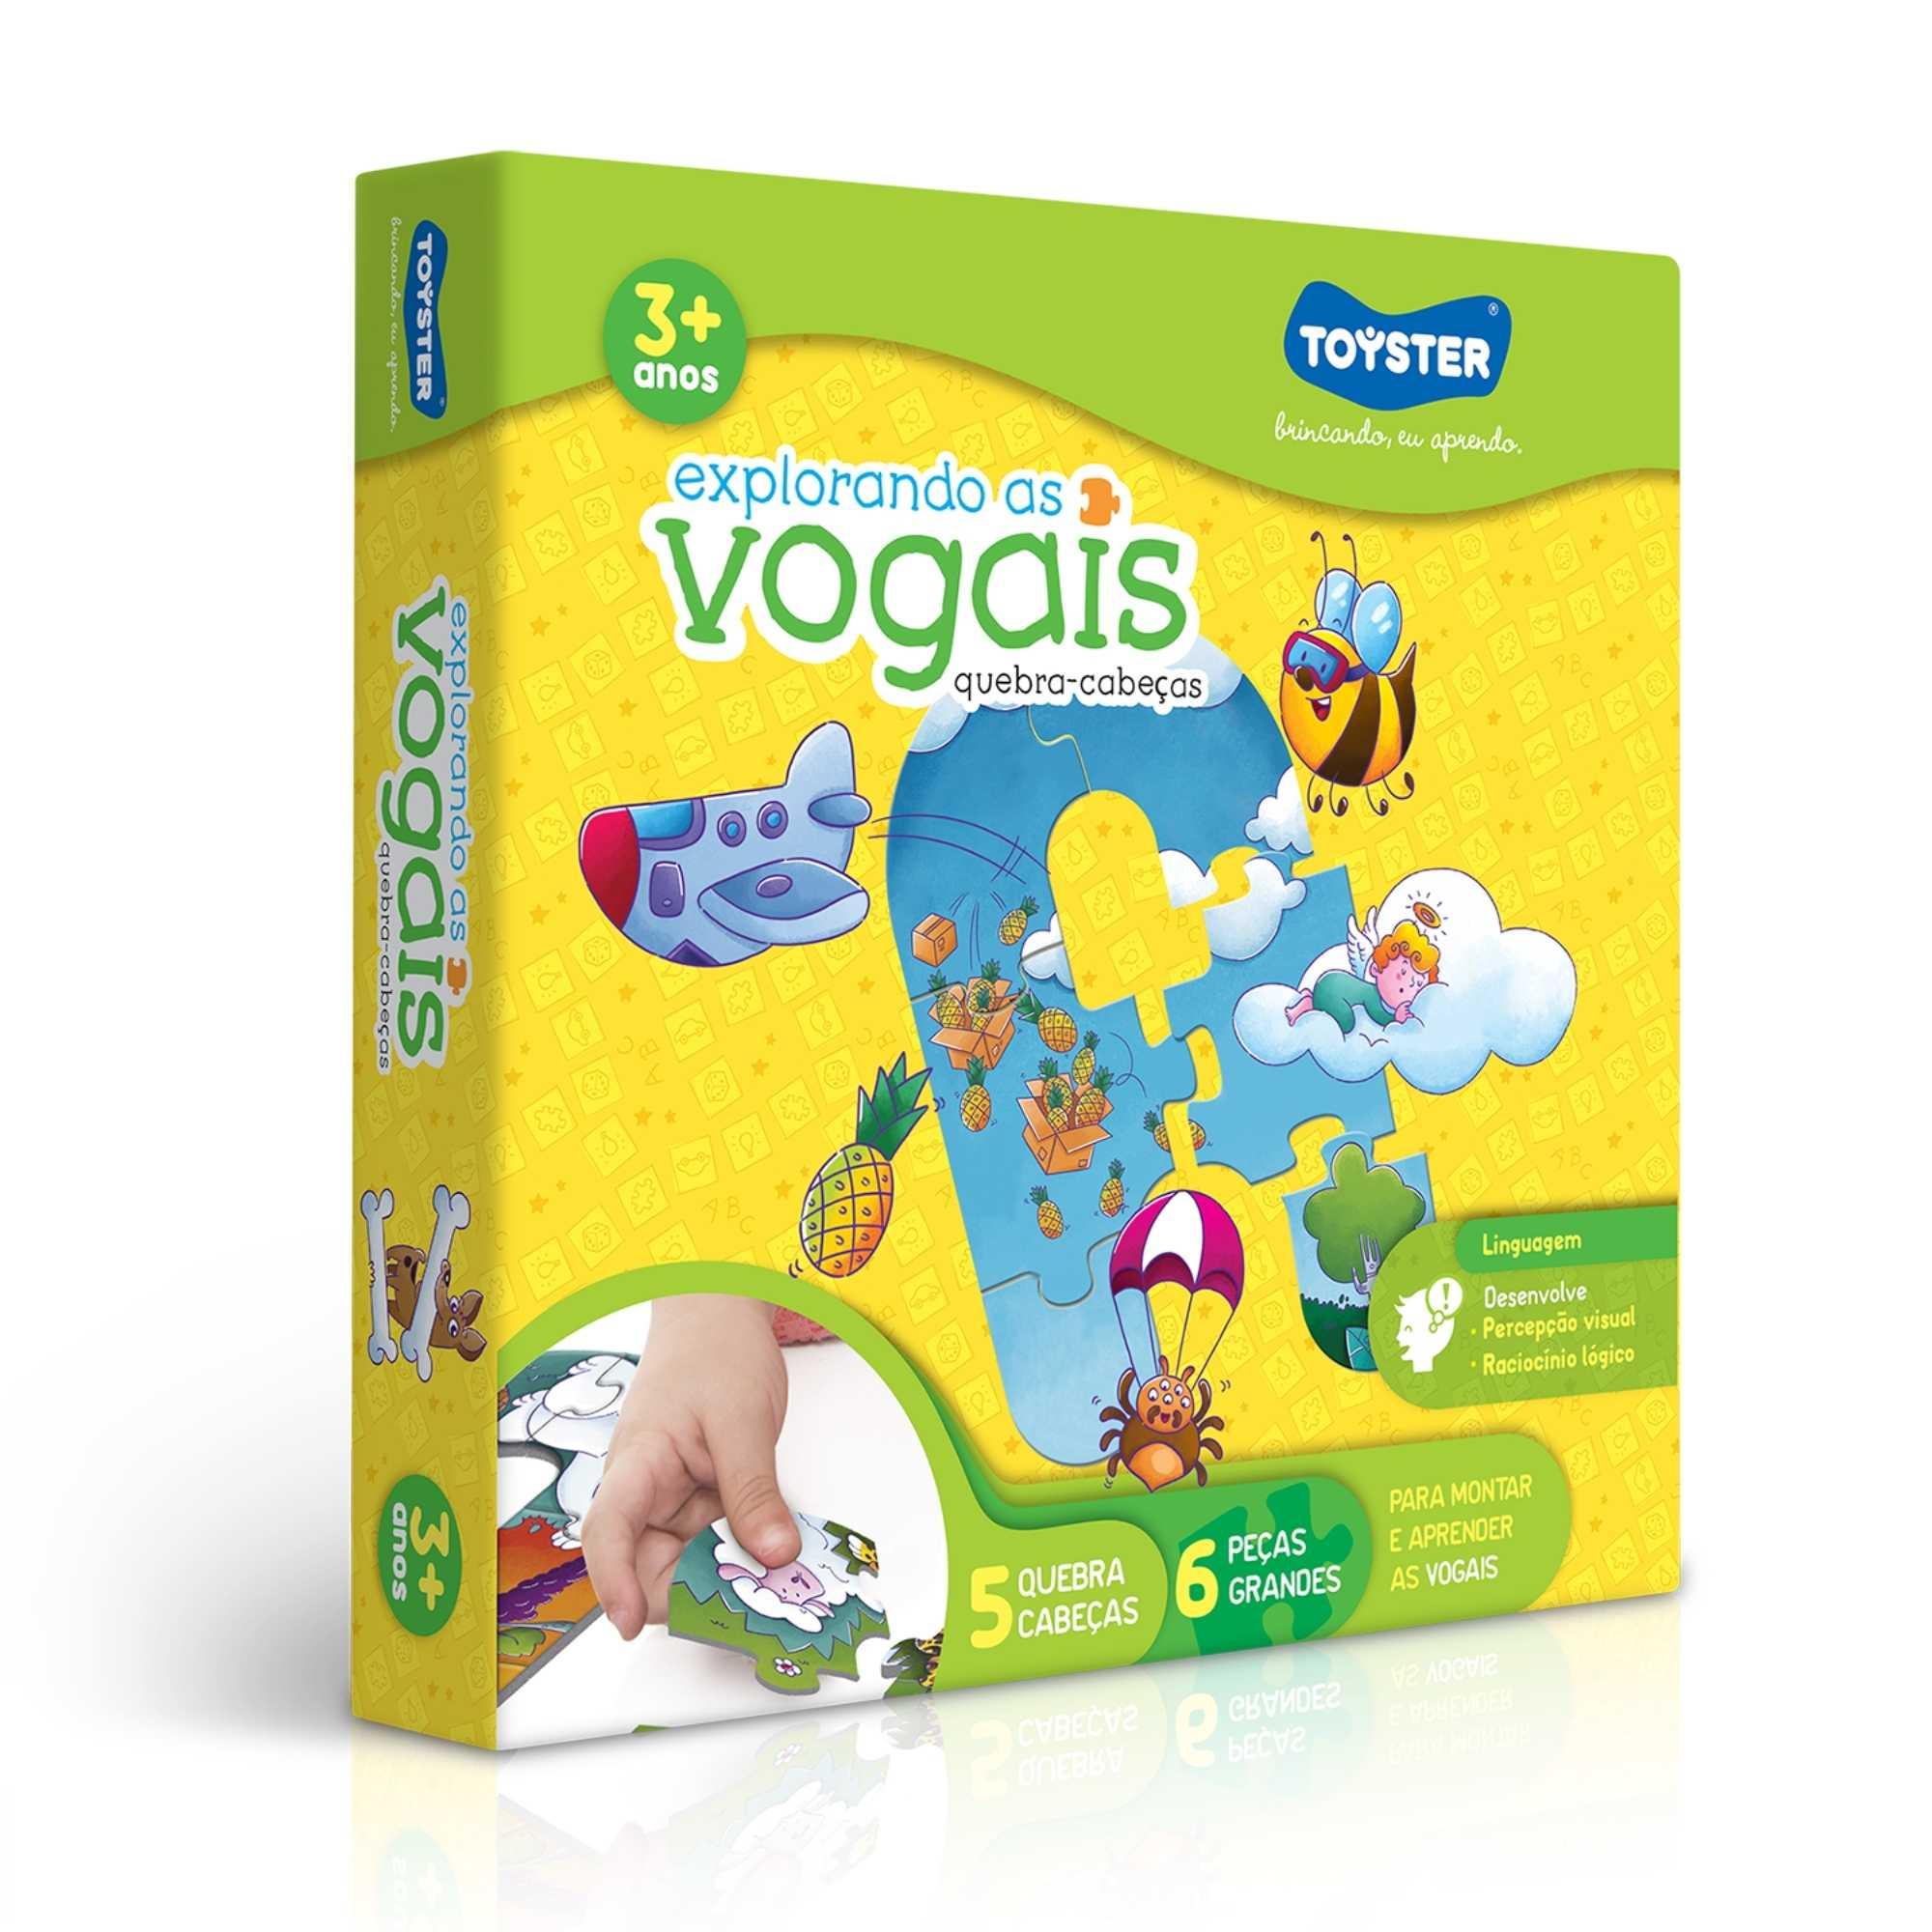 Explorando As Vogais - Toyster